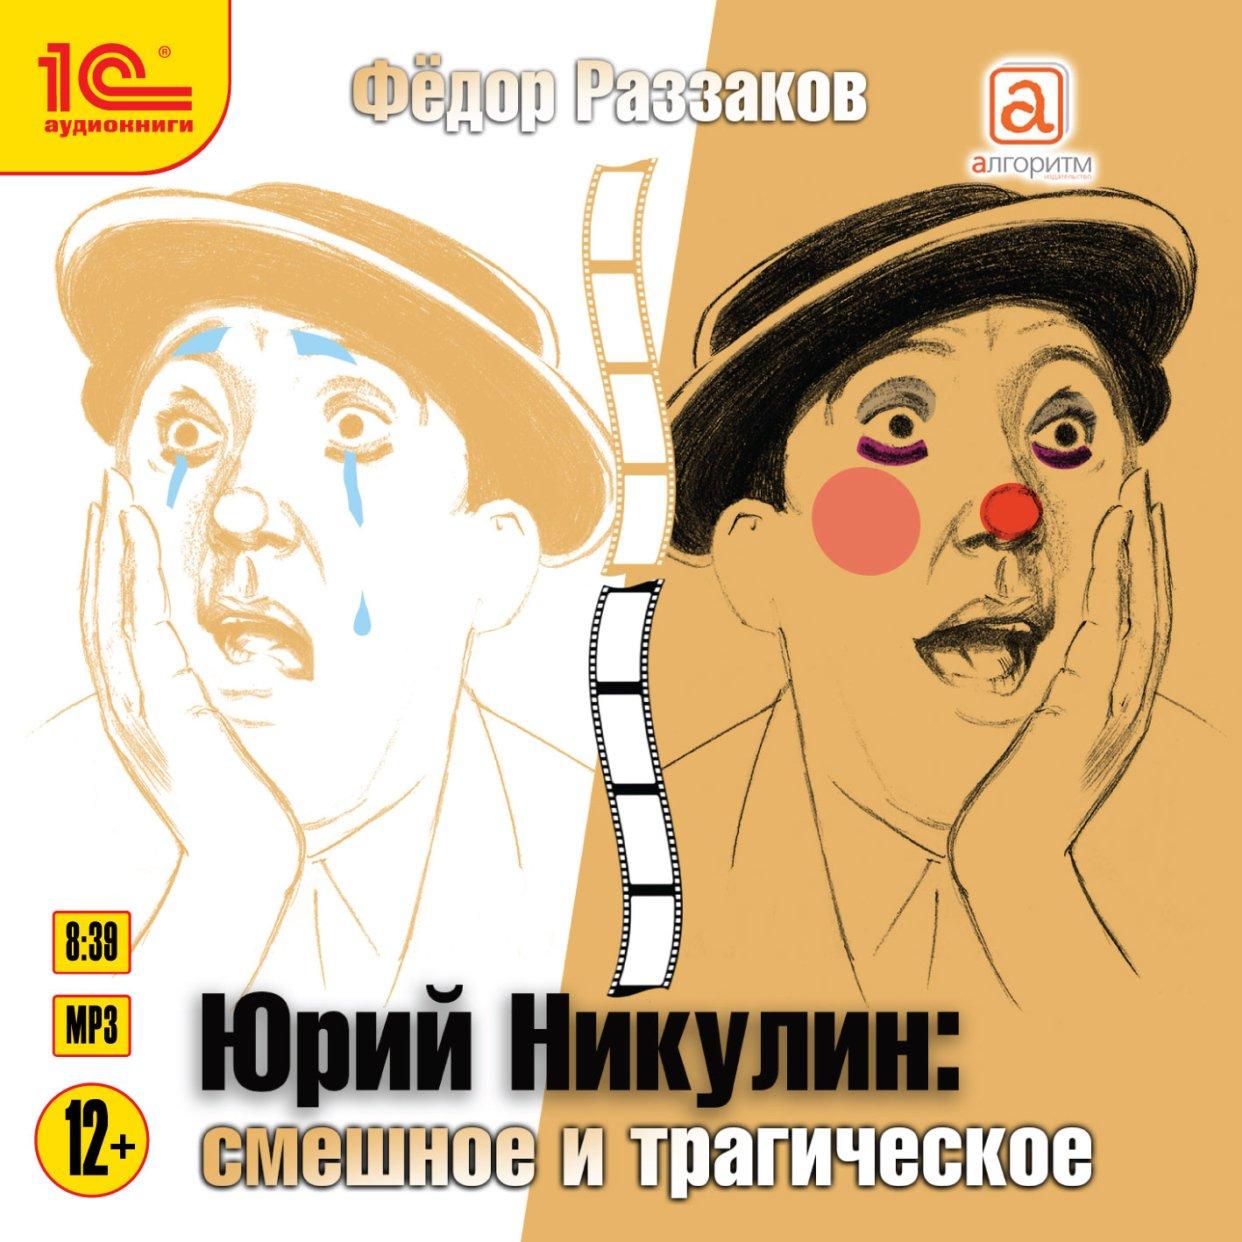 Юрий Никулин. Смешное и трагическое